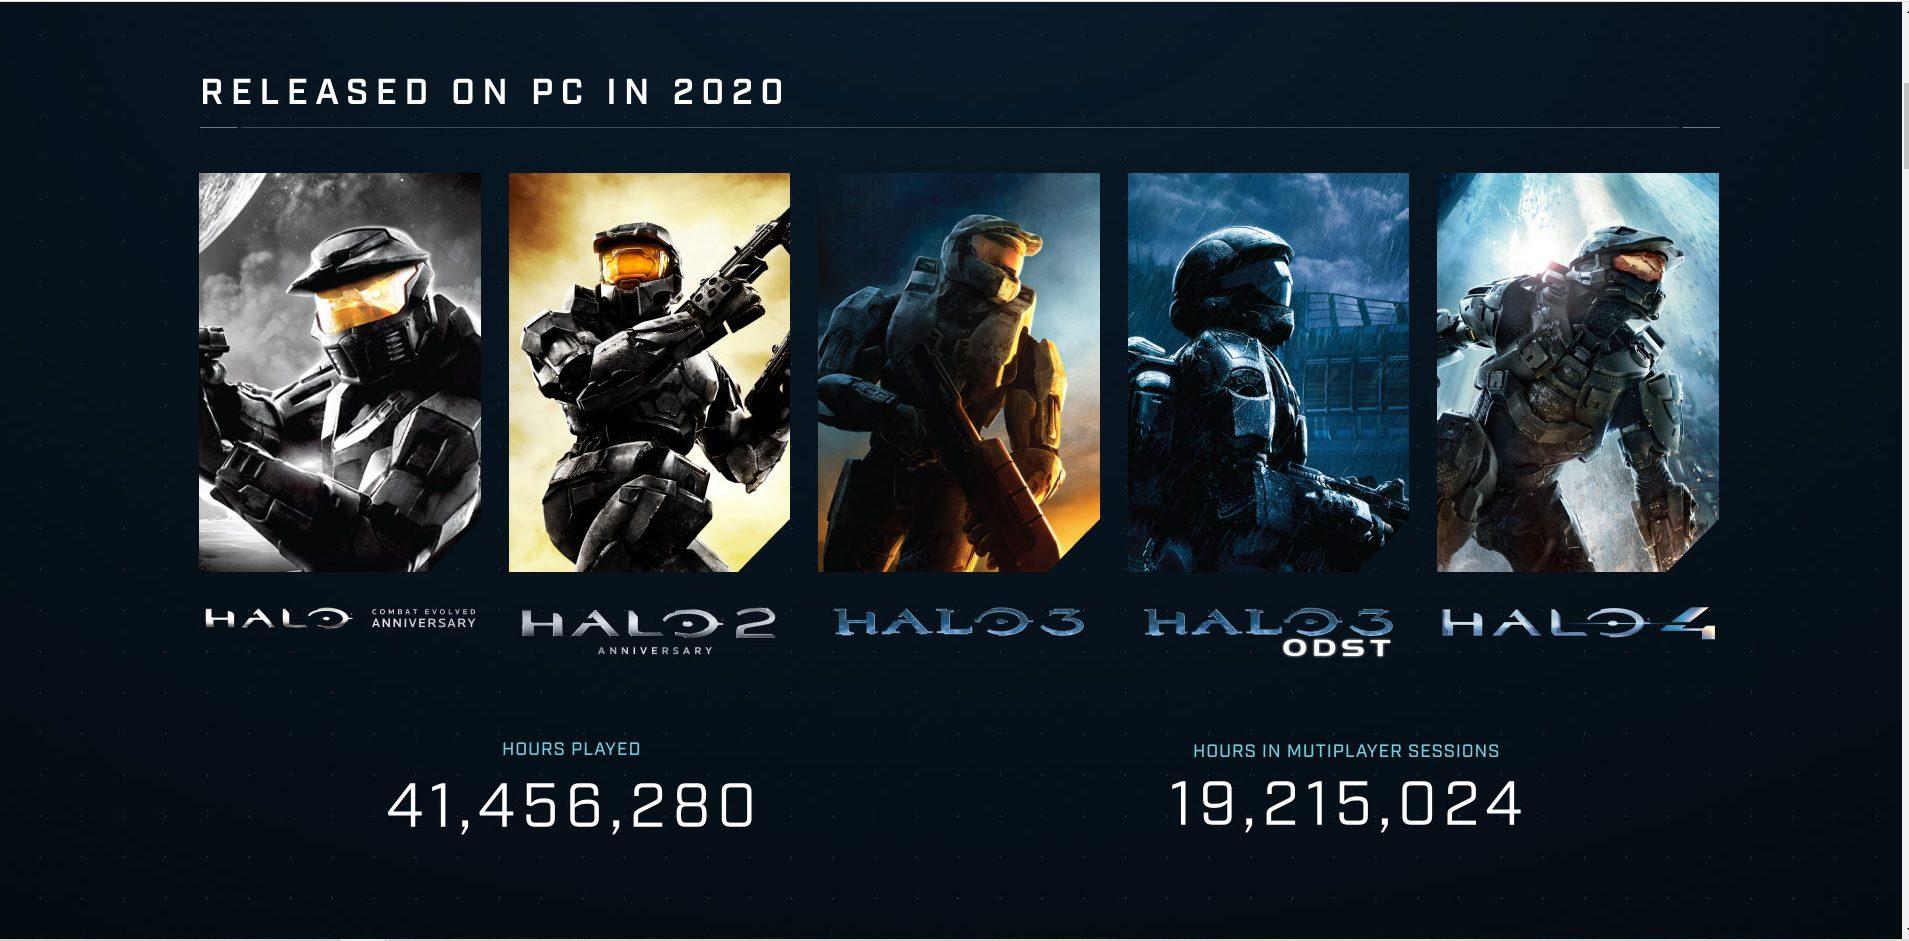 Estos son los impresionantes números del último año de la Master Chief Collection en PC